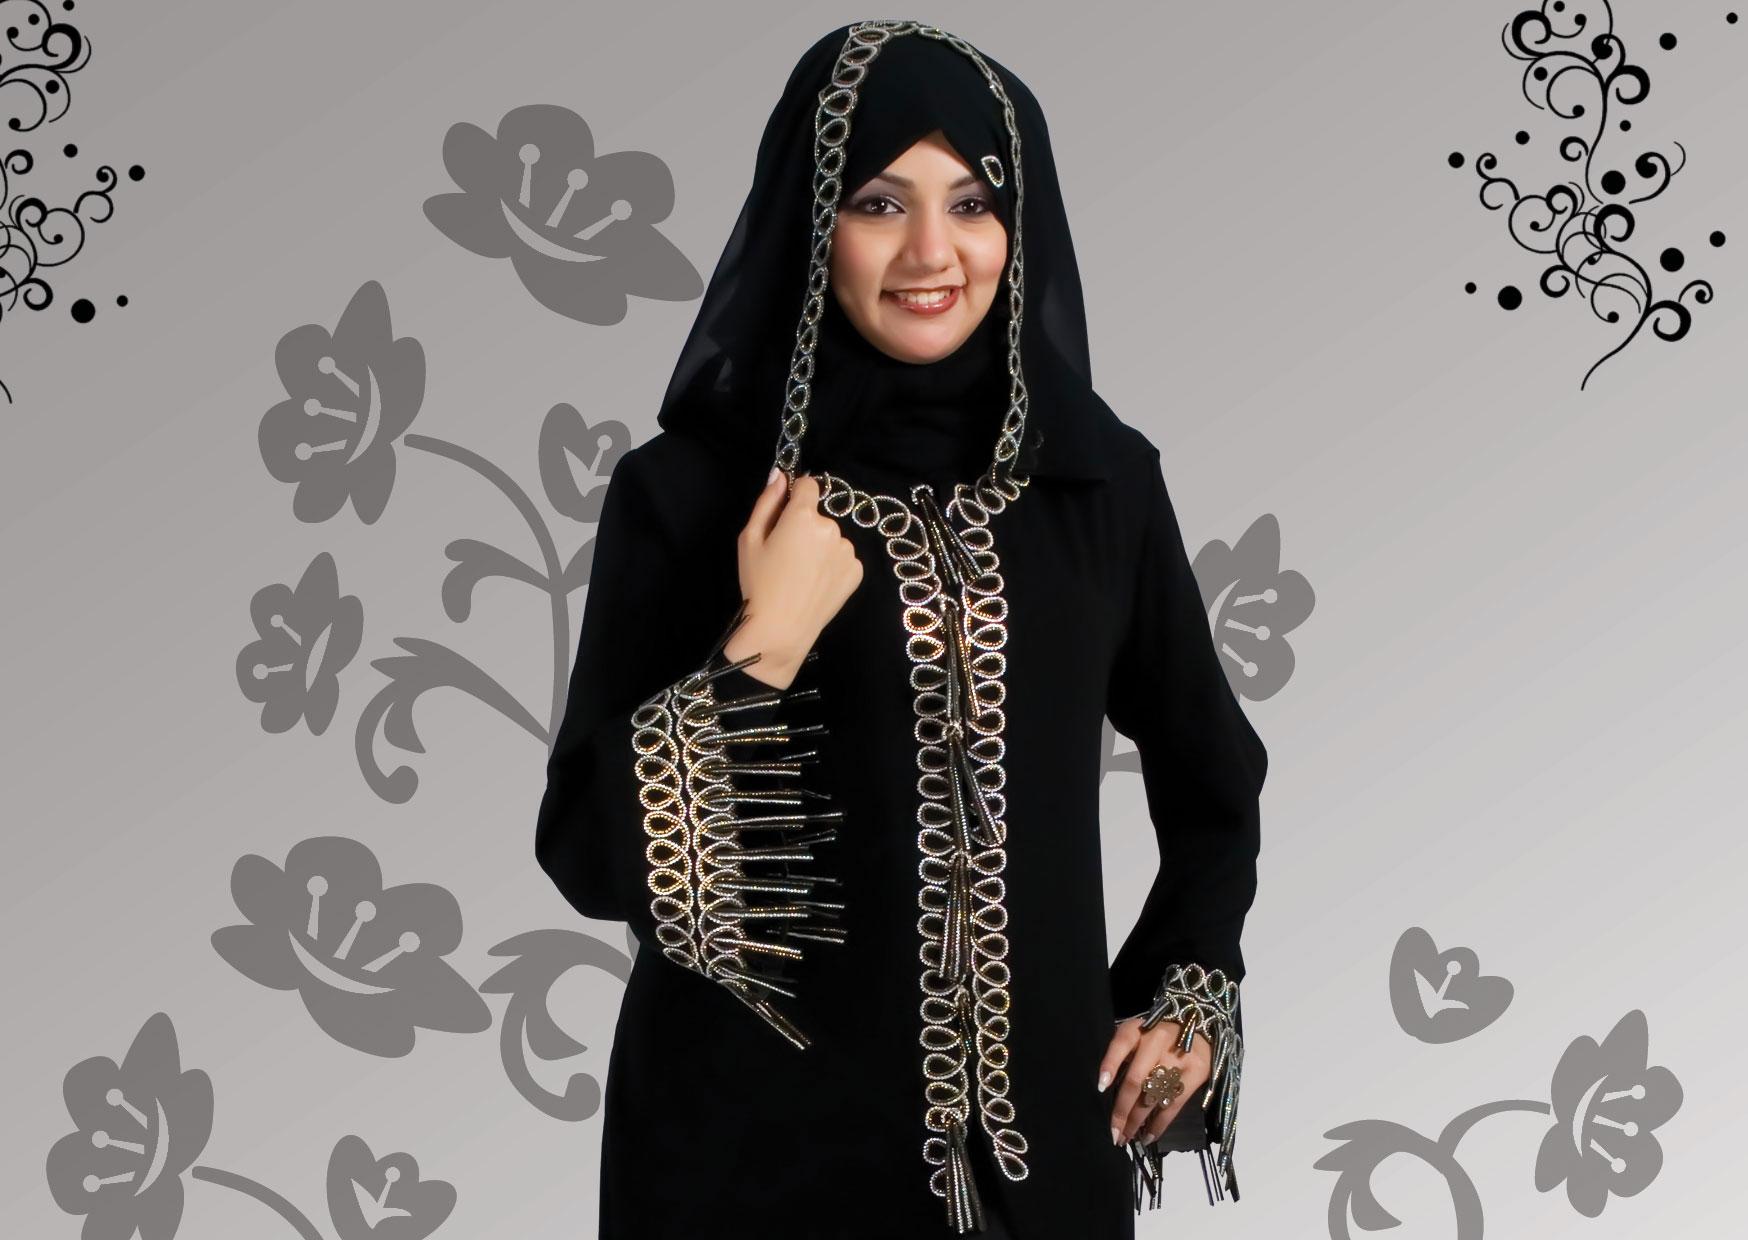 بالصور صور عبايات مغربية , اجمل طله مغربيه 422 4